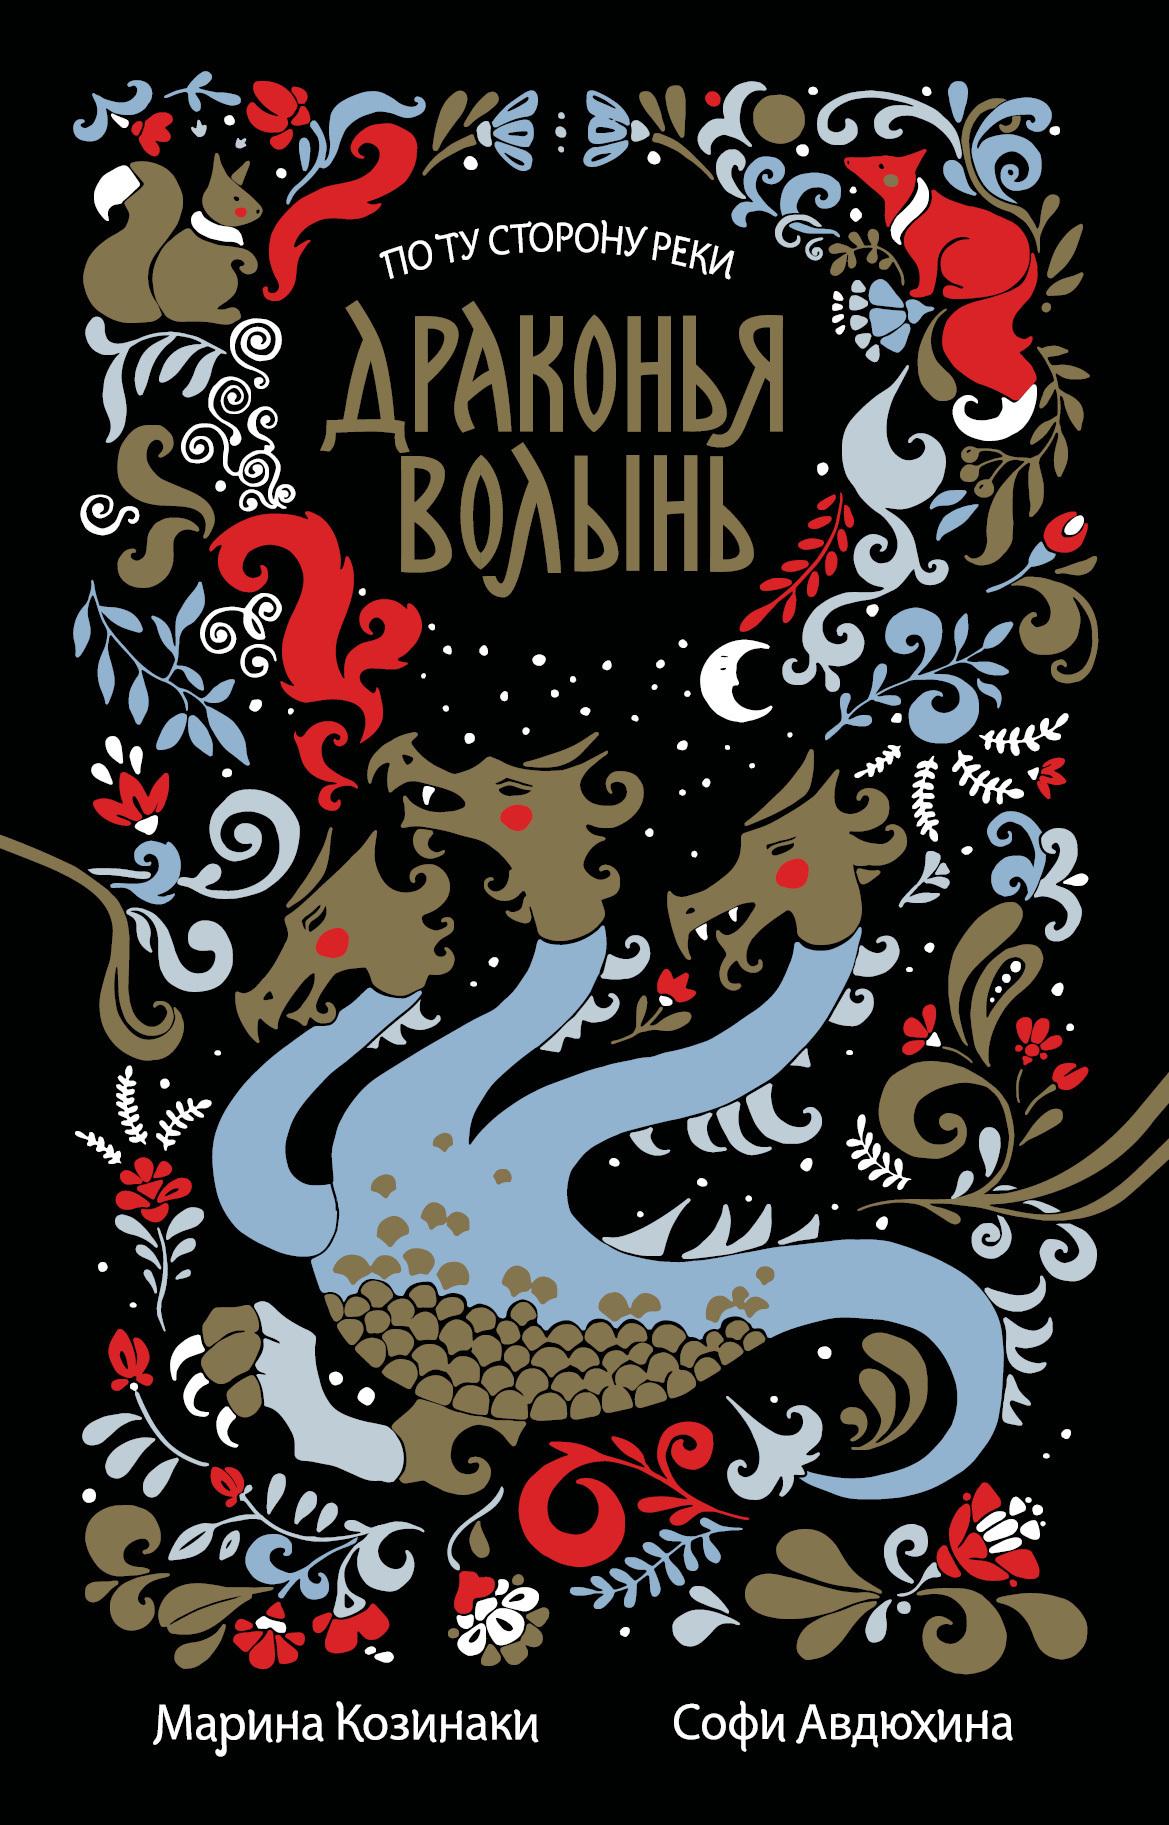 Марина Козинаки, Софи Авдюхина - Драконья волынь (сборник)